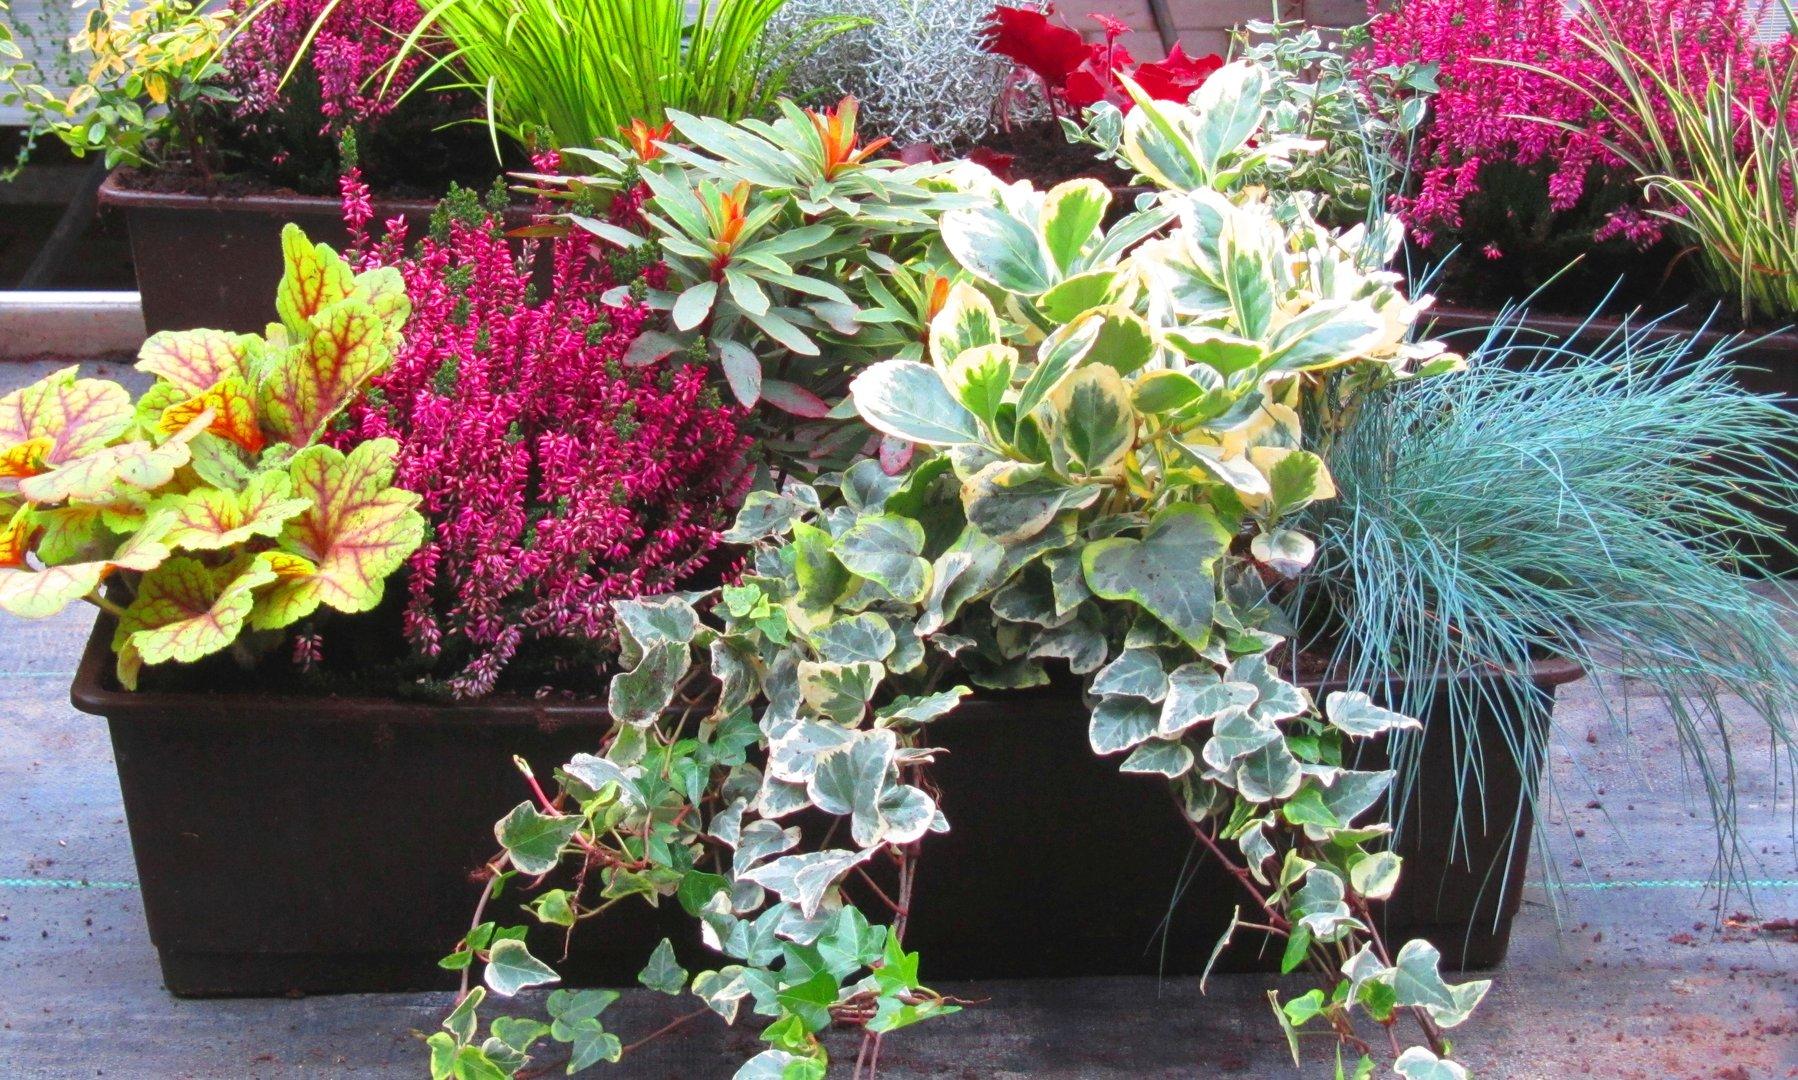 Balkonpflanzen Schatten Blumen Fur Den Balkon Im Schatten Bluhen